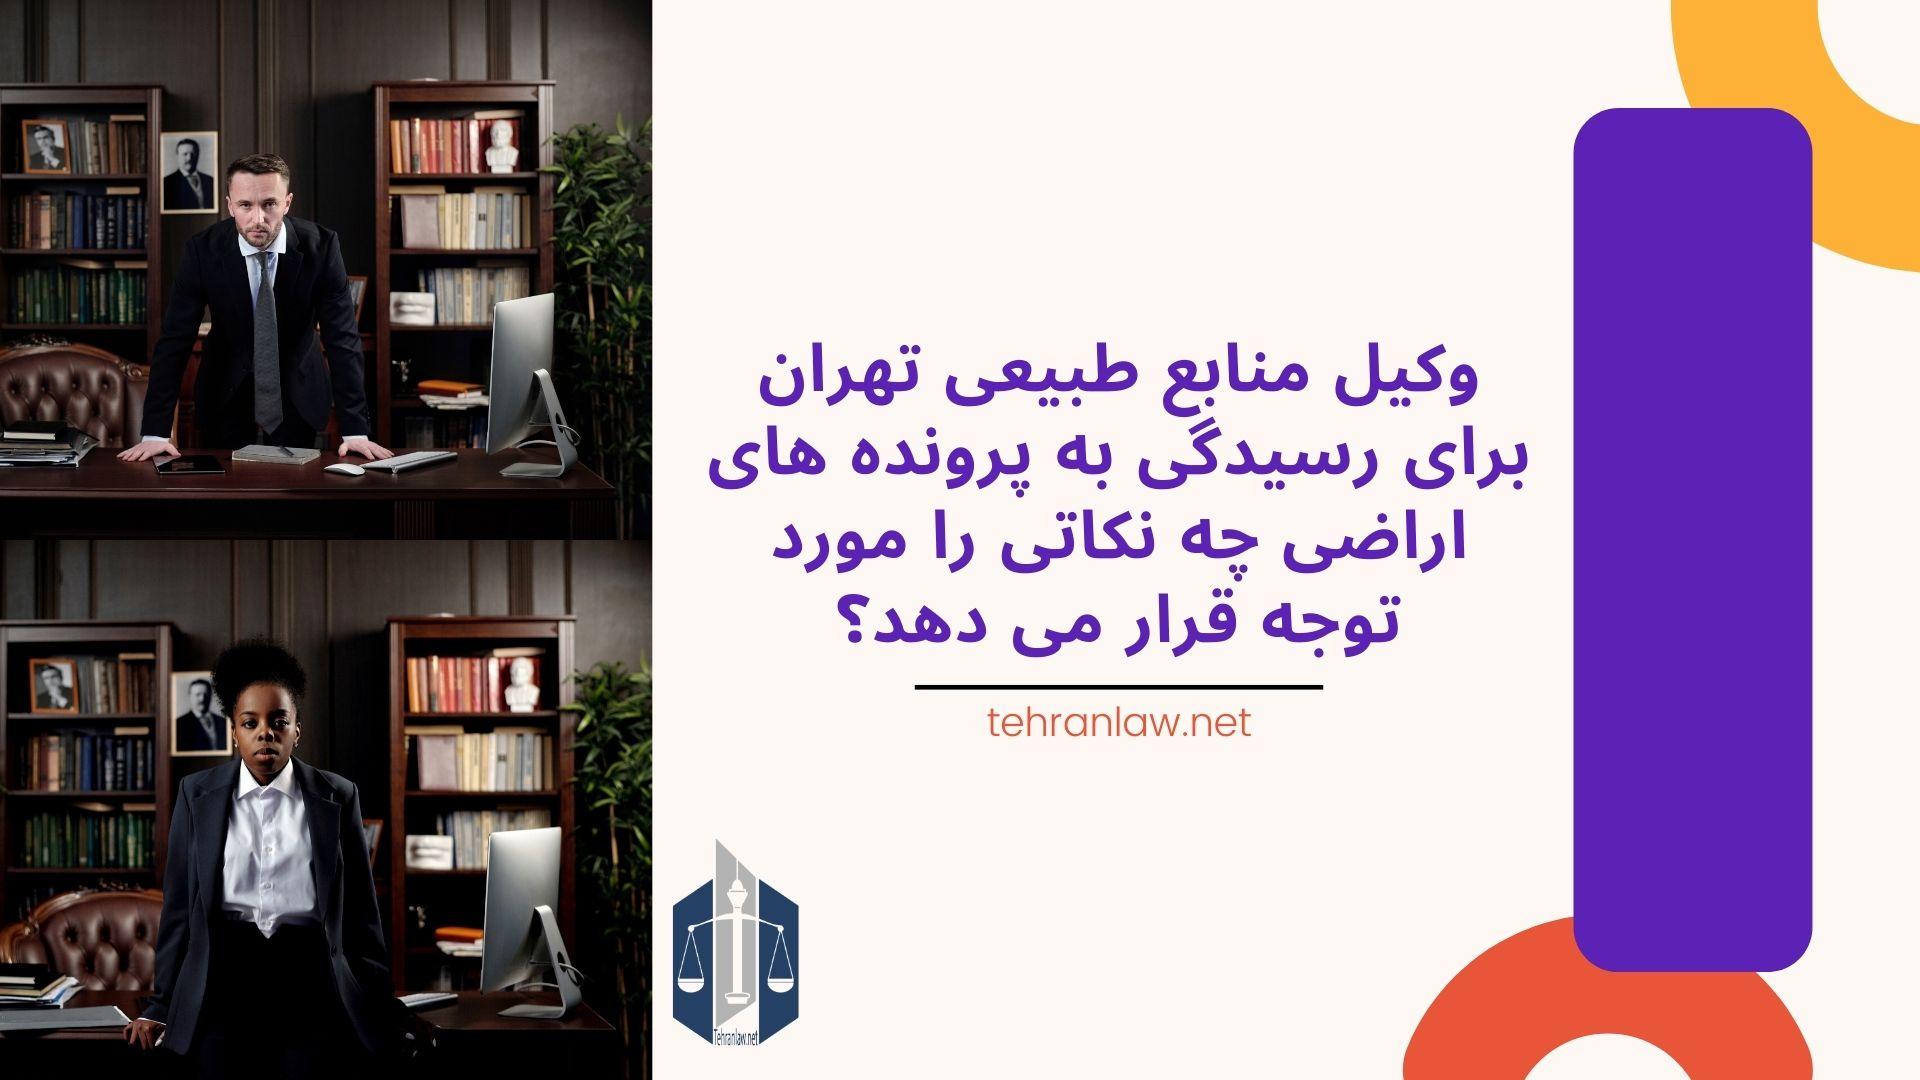 وکیل منابع طبیعی تهران برای رسیدگی به پرونده های اراضی چه نکاتی را مورد توجه قرار می دهد؟